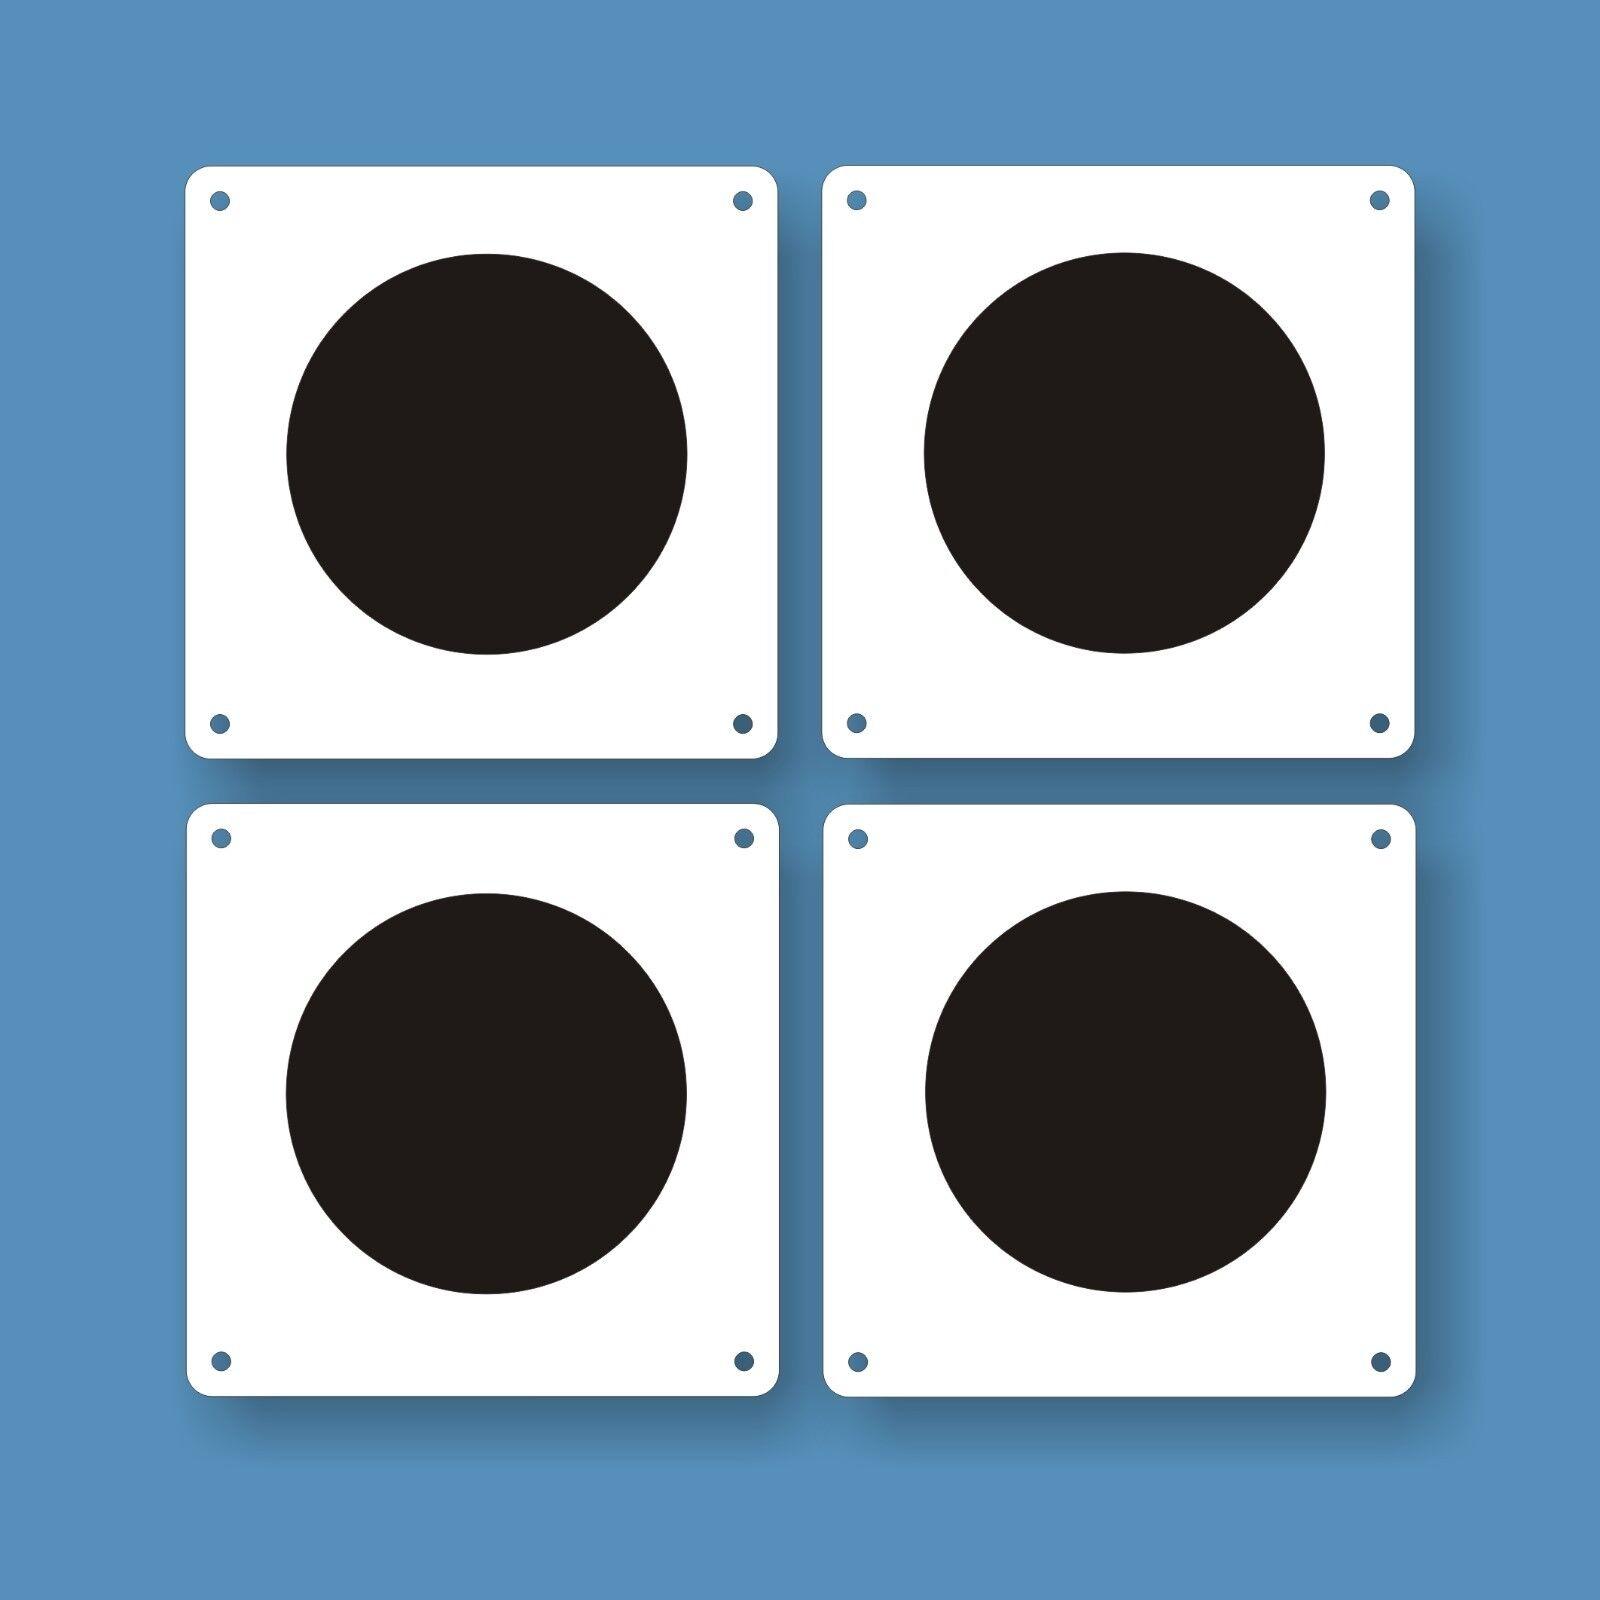 4 zirkelpunkte (30 x 30 cm) para  dressurviereck, de alta calidad aluverbundtafeln  precios ultra bajos